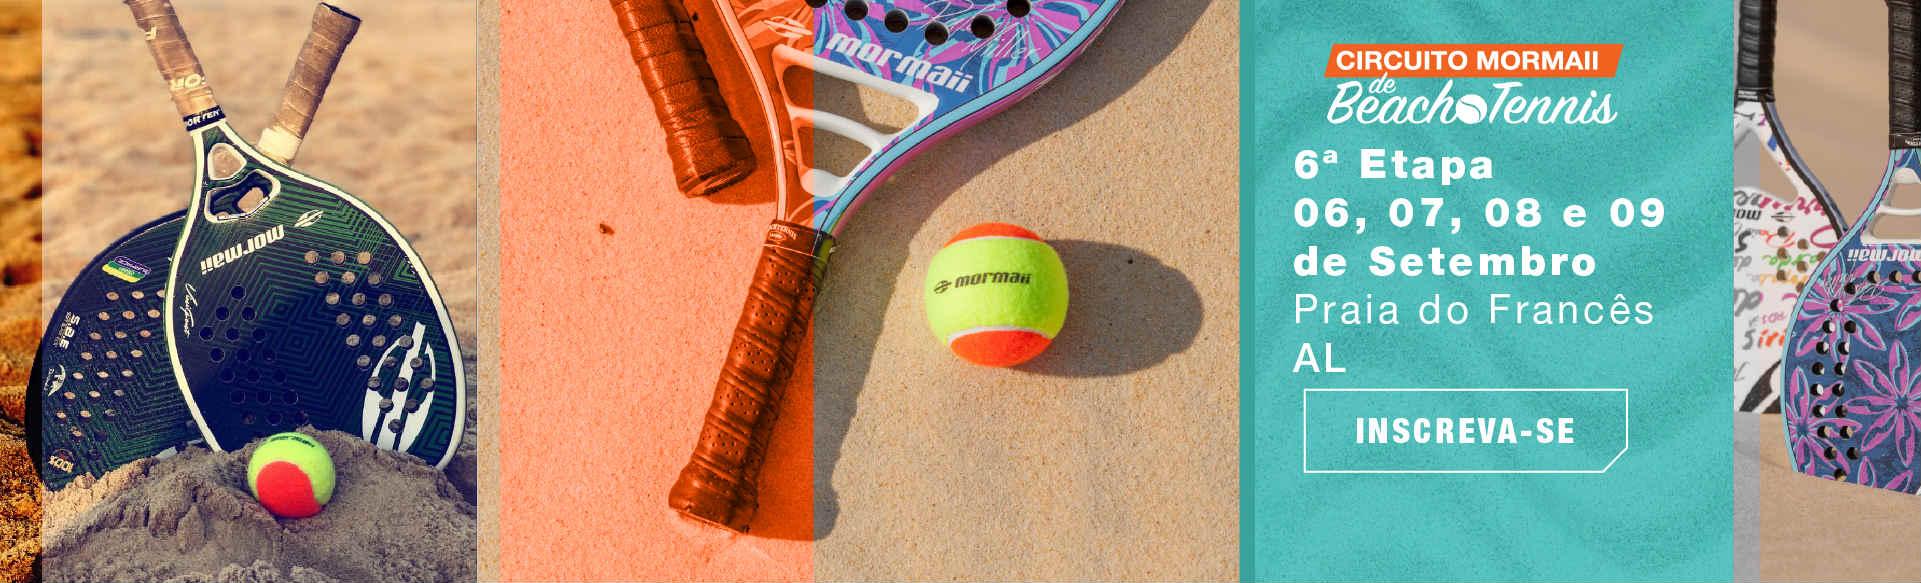 Prepare-se para o Circuito Mormaii Beach Tennis, em Alagoas 2e8b0a7d26